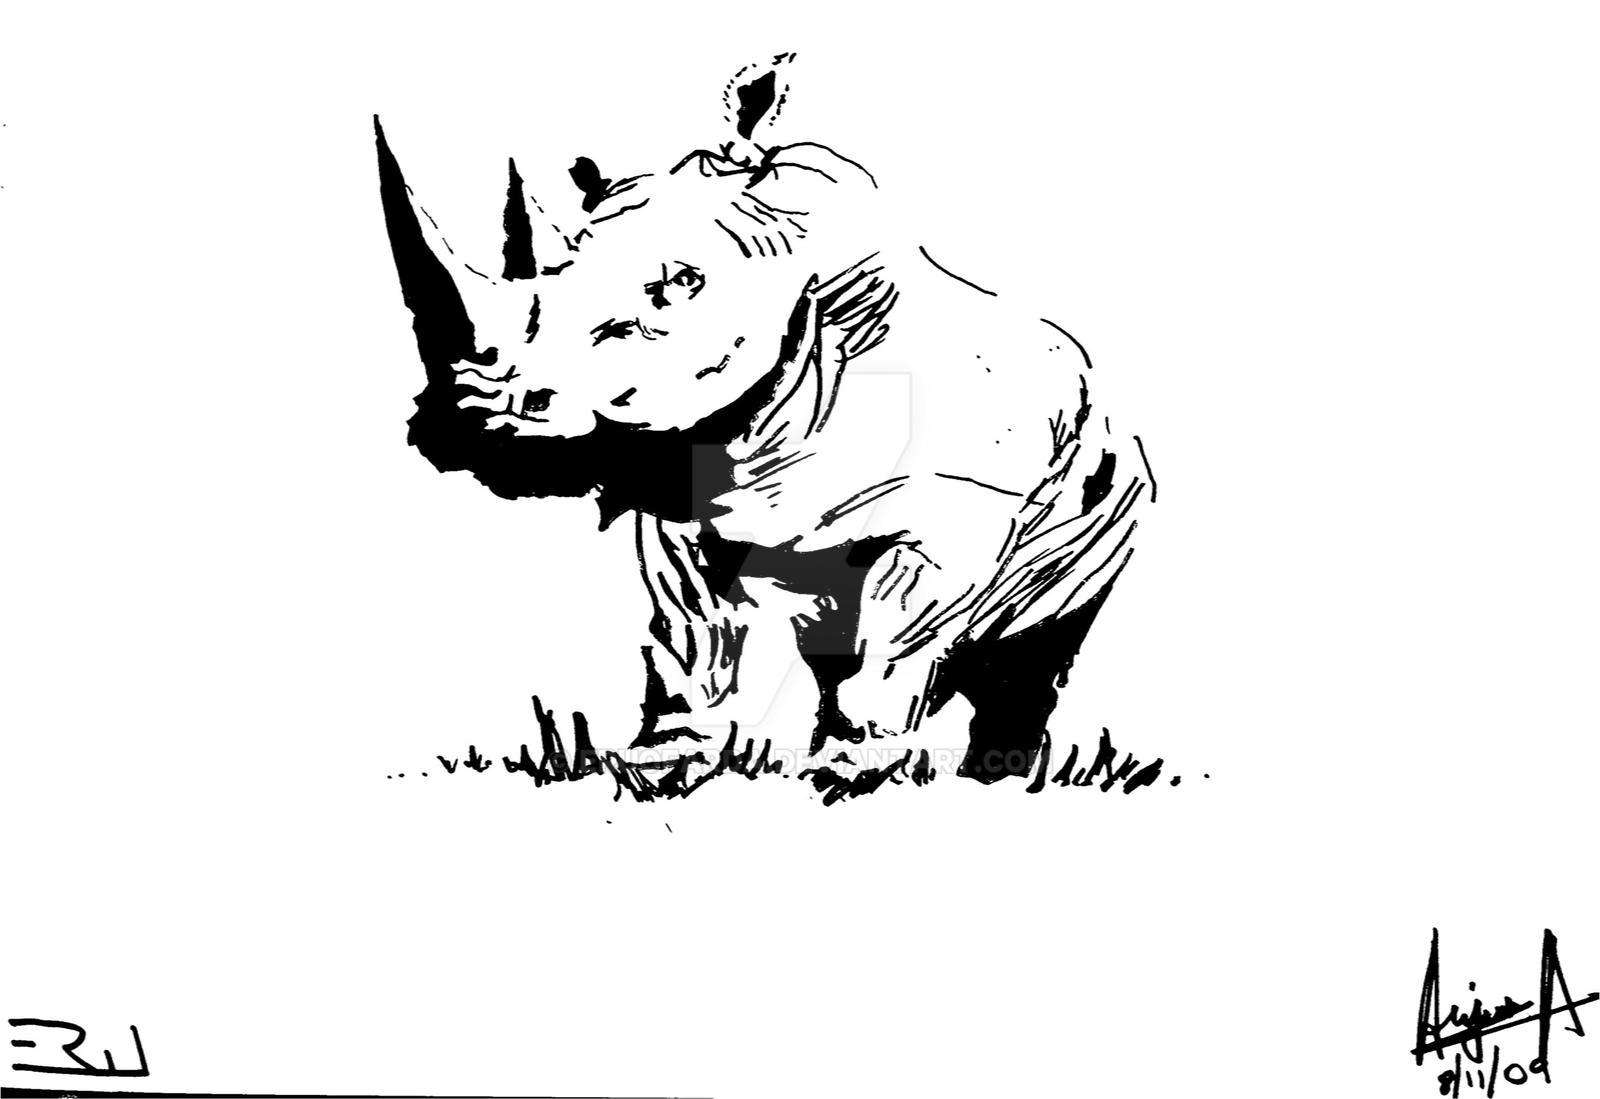 rhino stencil by eruofarda on deviantart